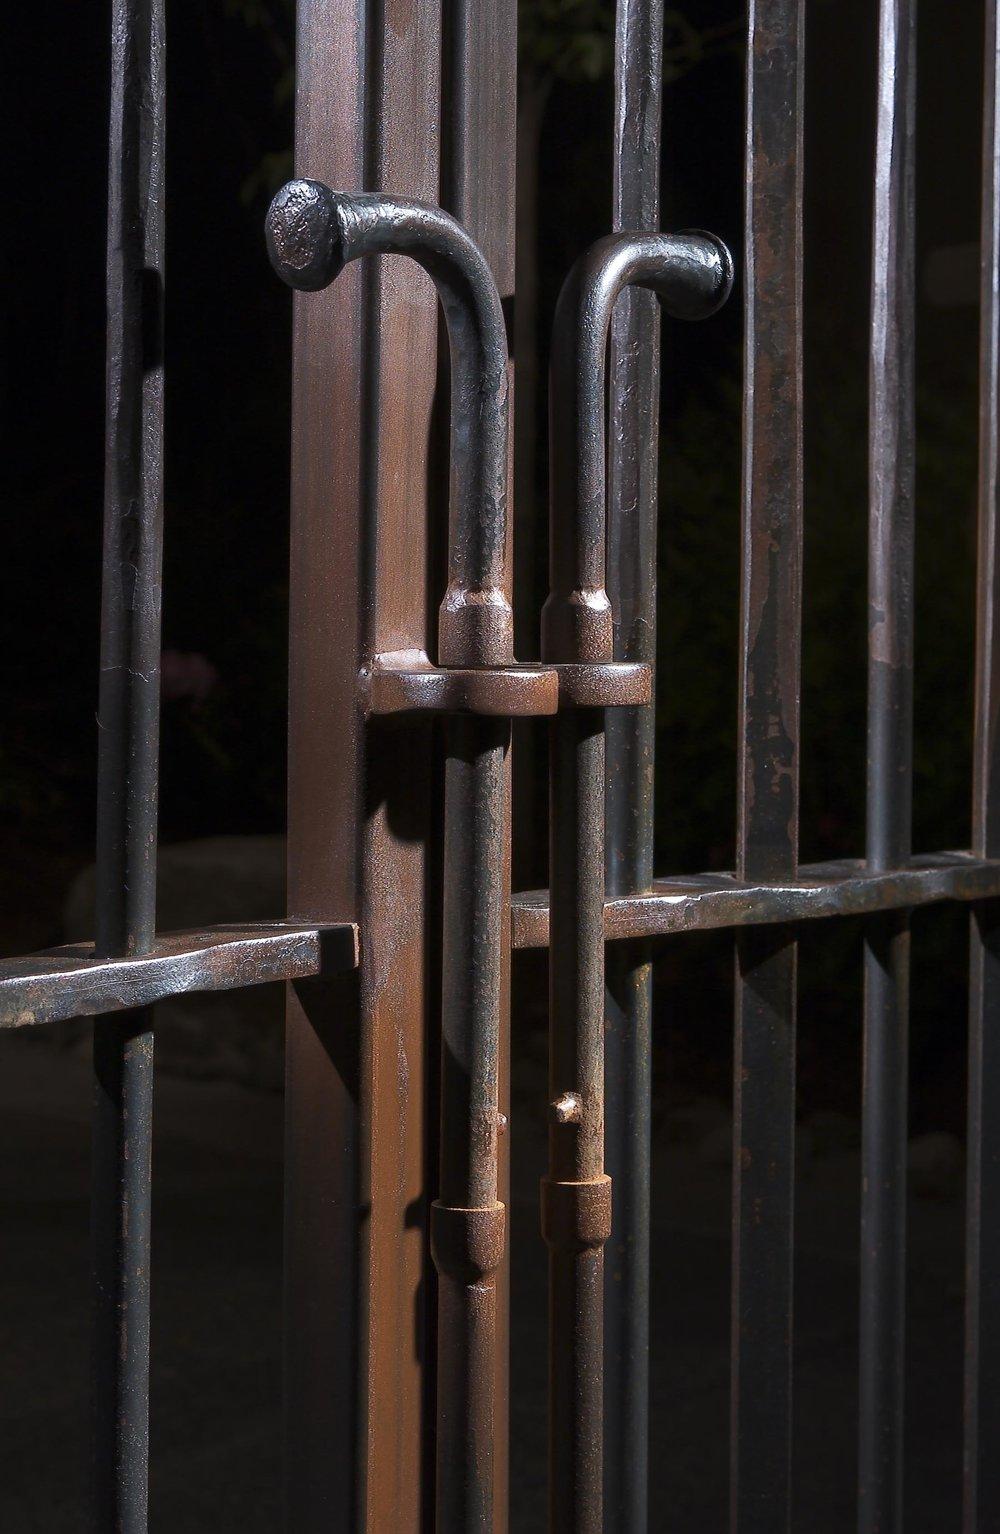 Img0349 gate handle detail.jpg